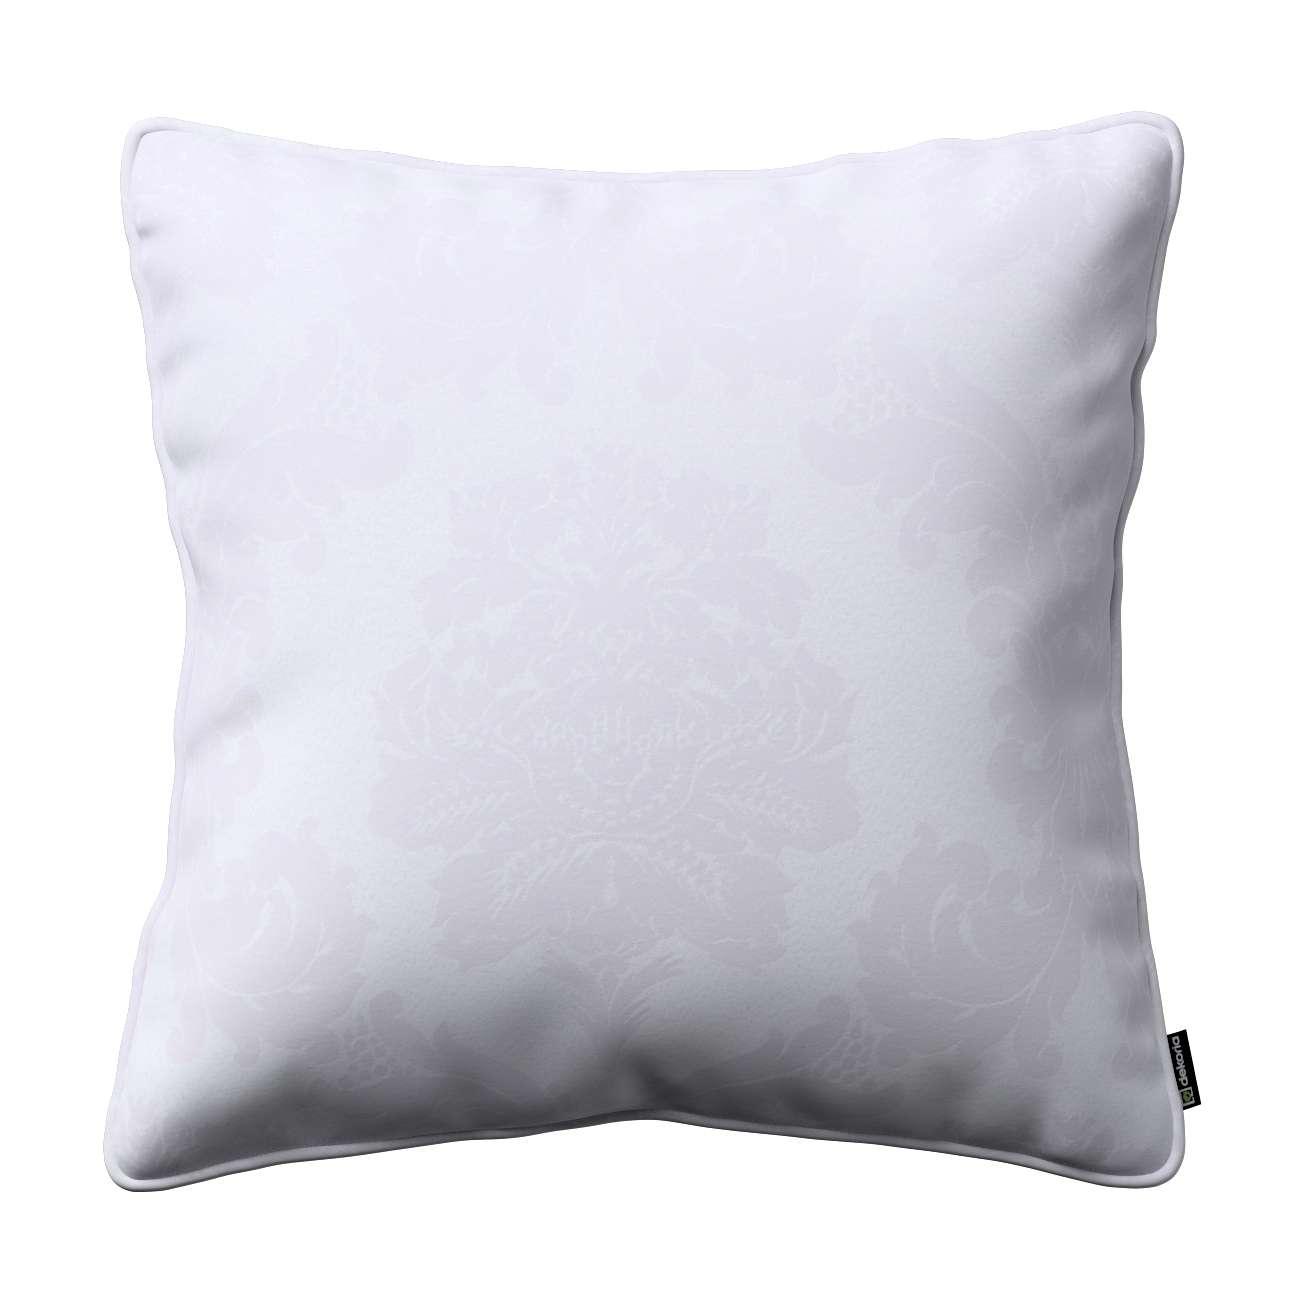 Poszewka Gabi na poduszkę w kolekcji Damasco, tkanina: 613-00